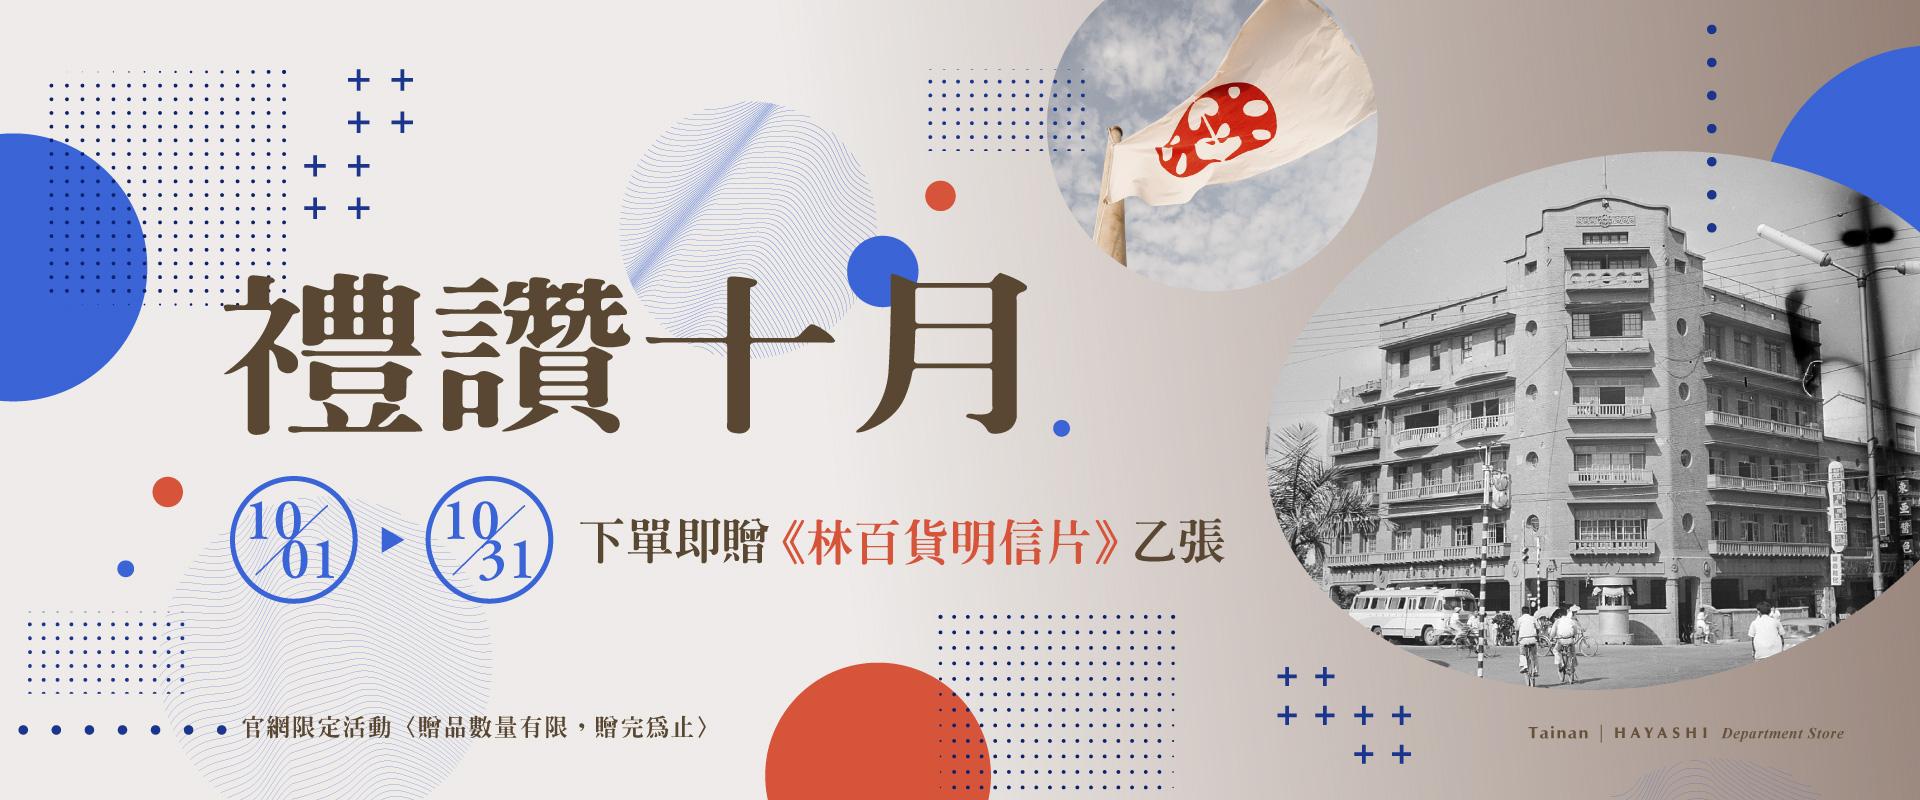 禮讚十月 國慶 雙十節 台南林百貨